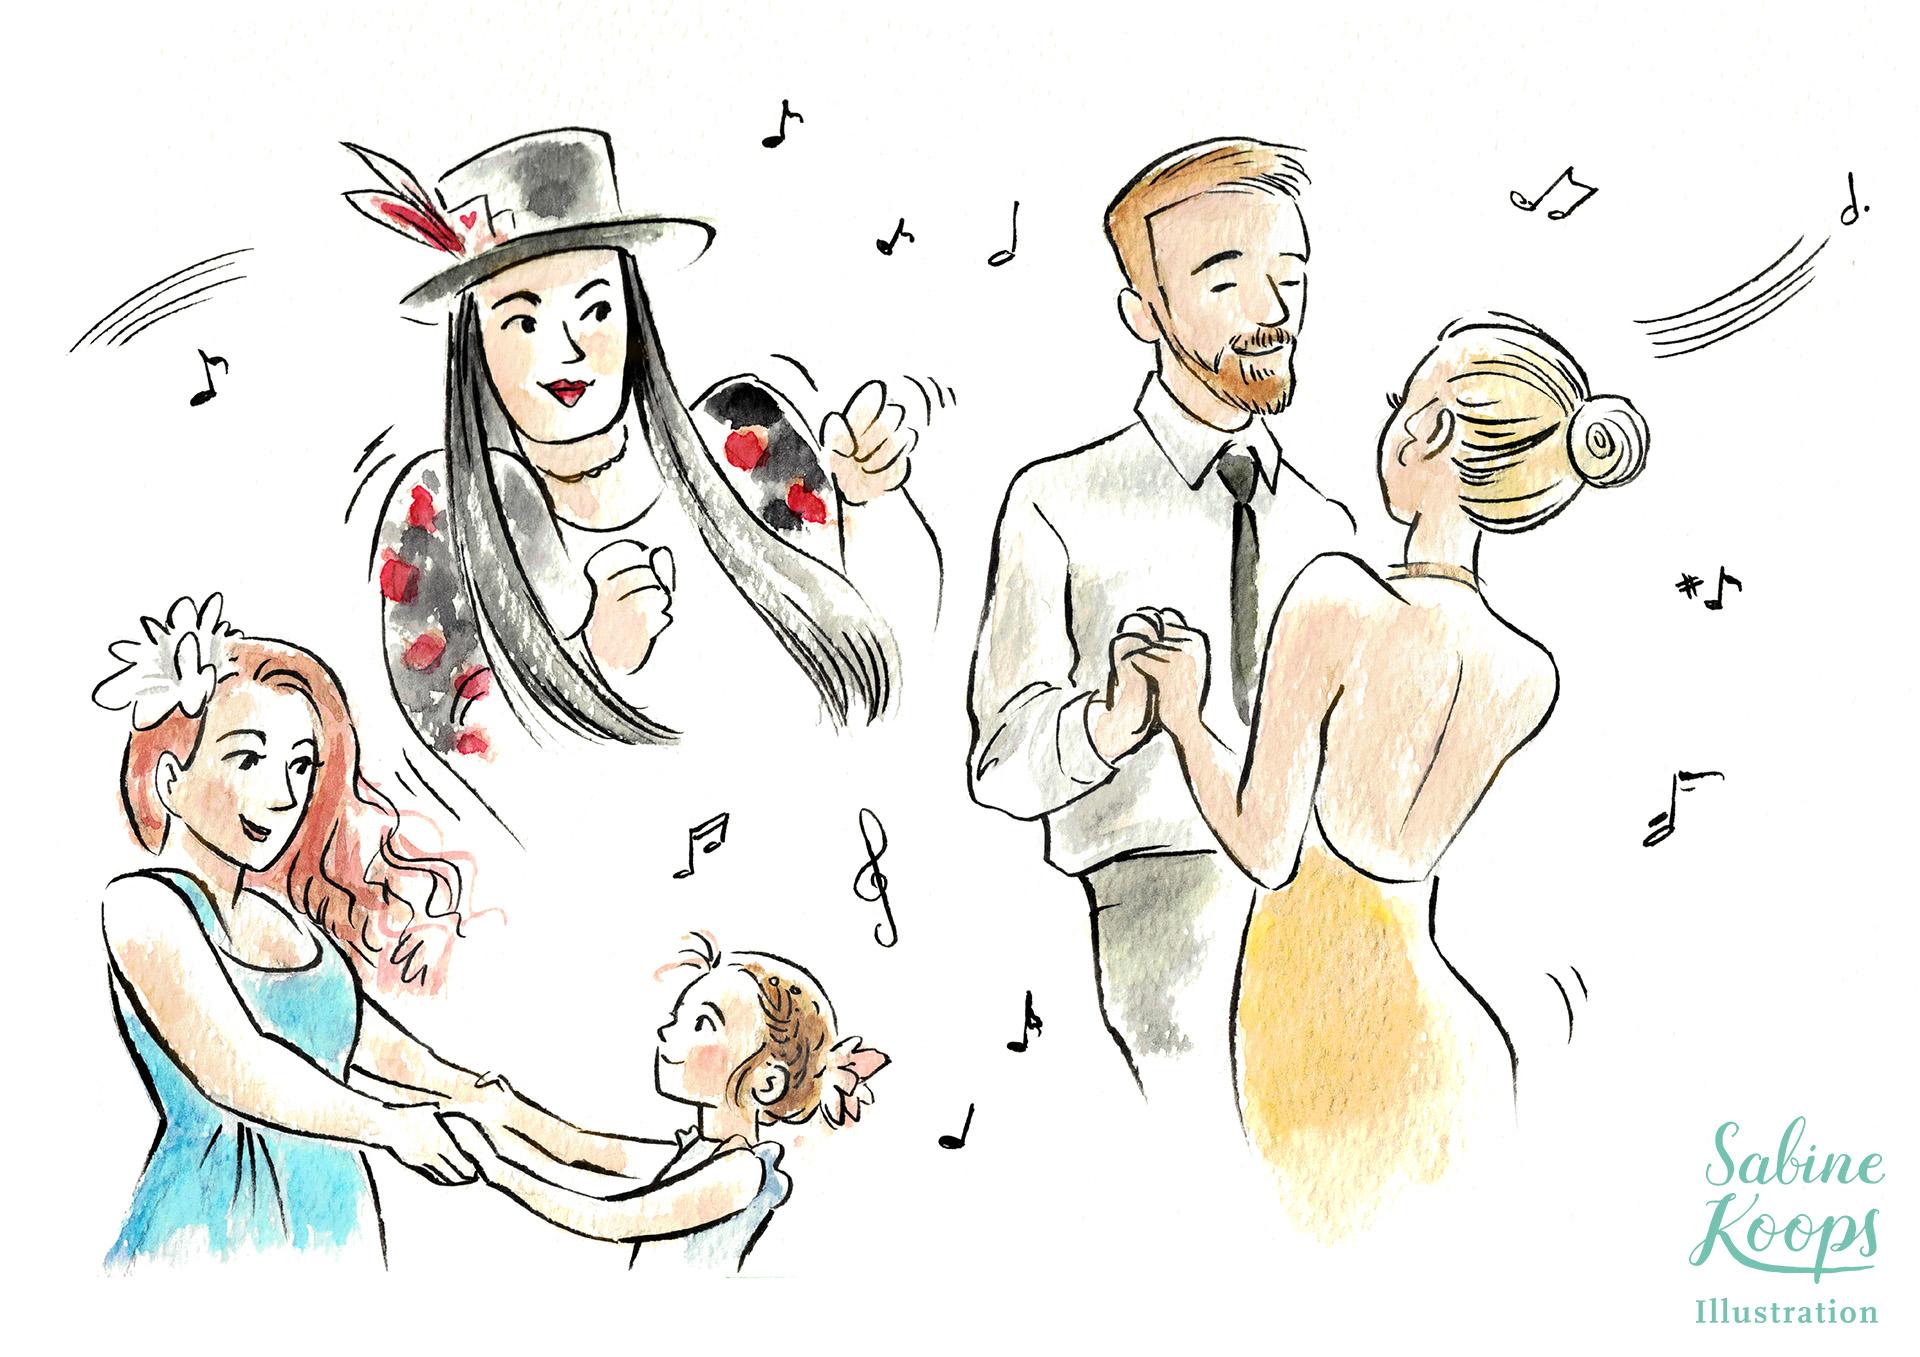 Hochzeitszeichnung-01-Hochzeit-Fest-Fotograf-Sabine-Koops-Illustration-19-180811.jpg